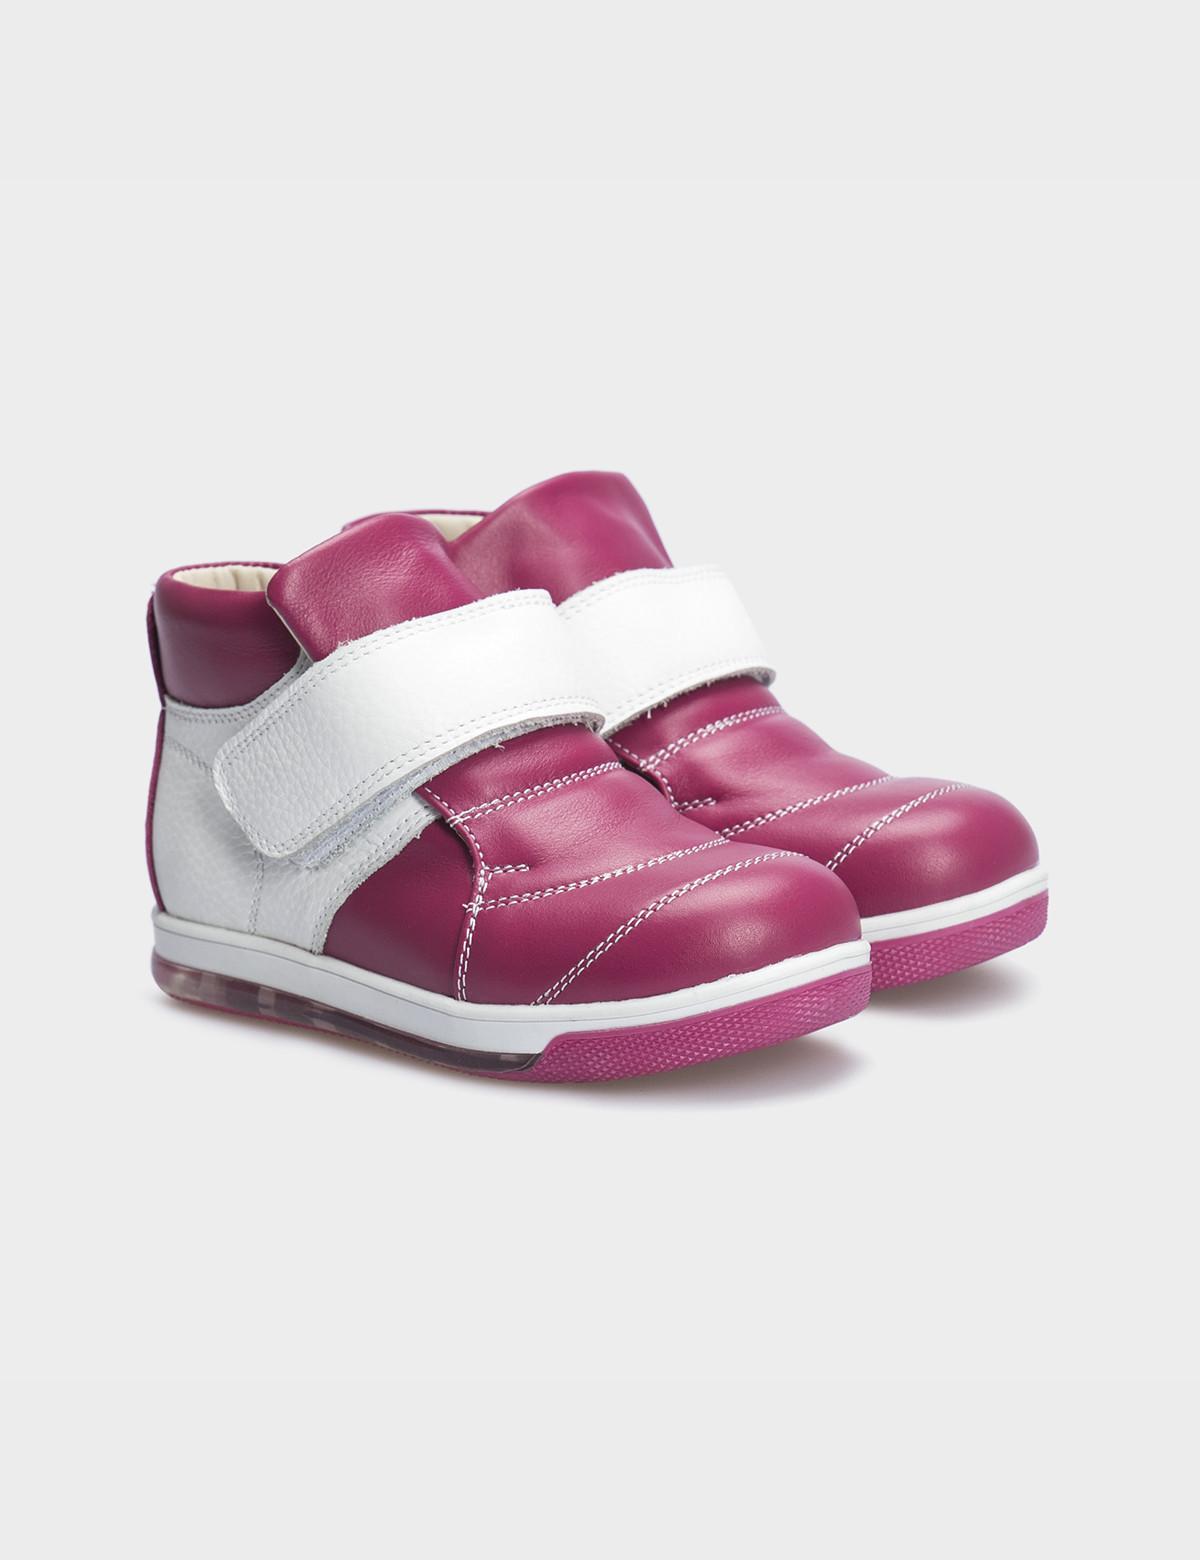 Ботинки рожеві, натуральна шкіра